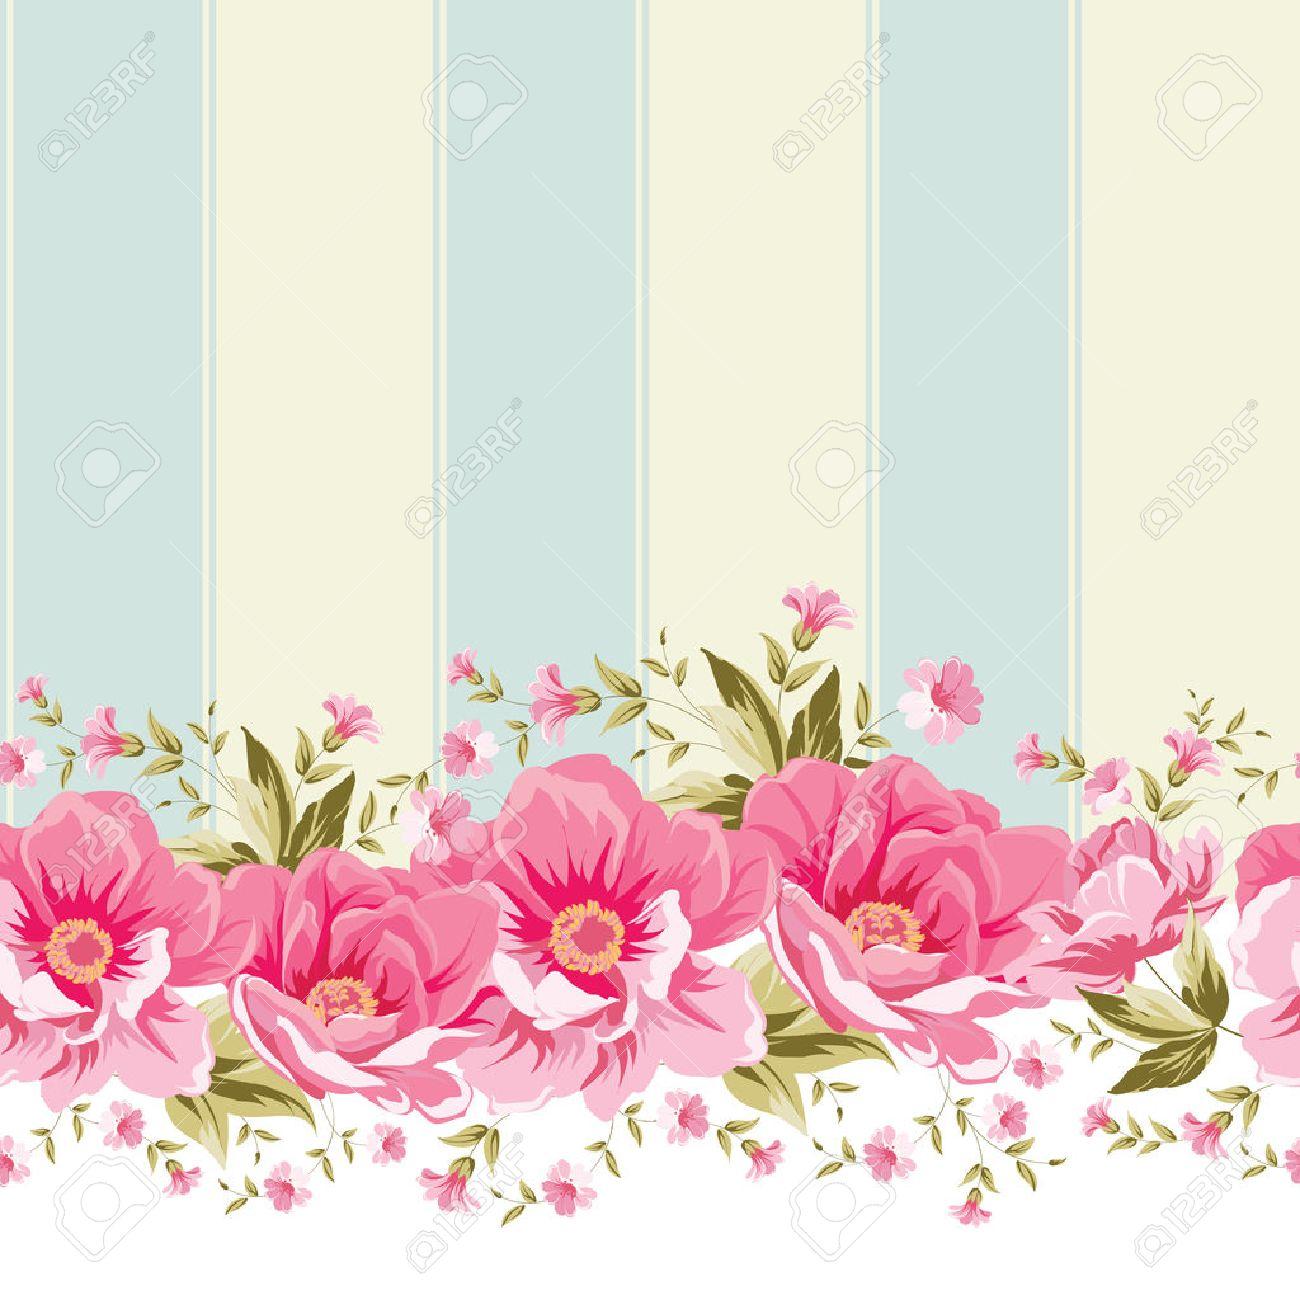 Ornement Fleur Rose Frontiere Avec La Tuile Design Elegant De